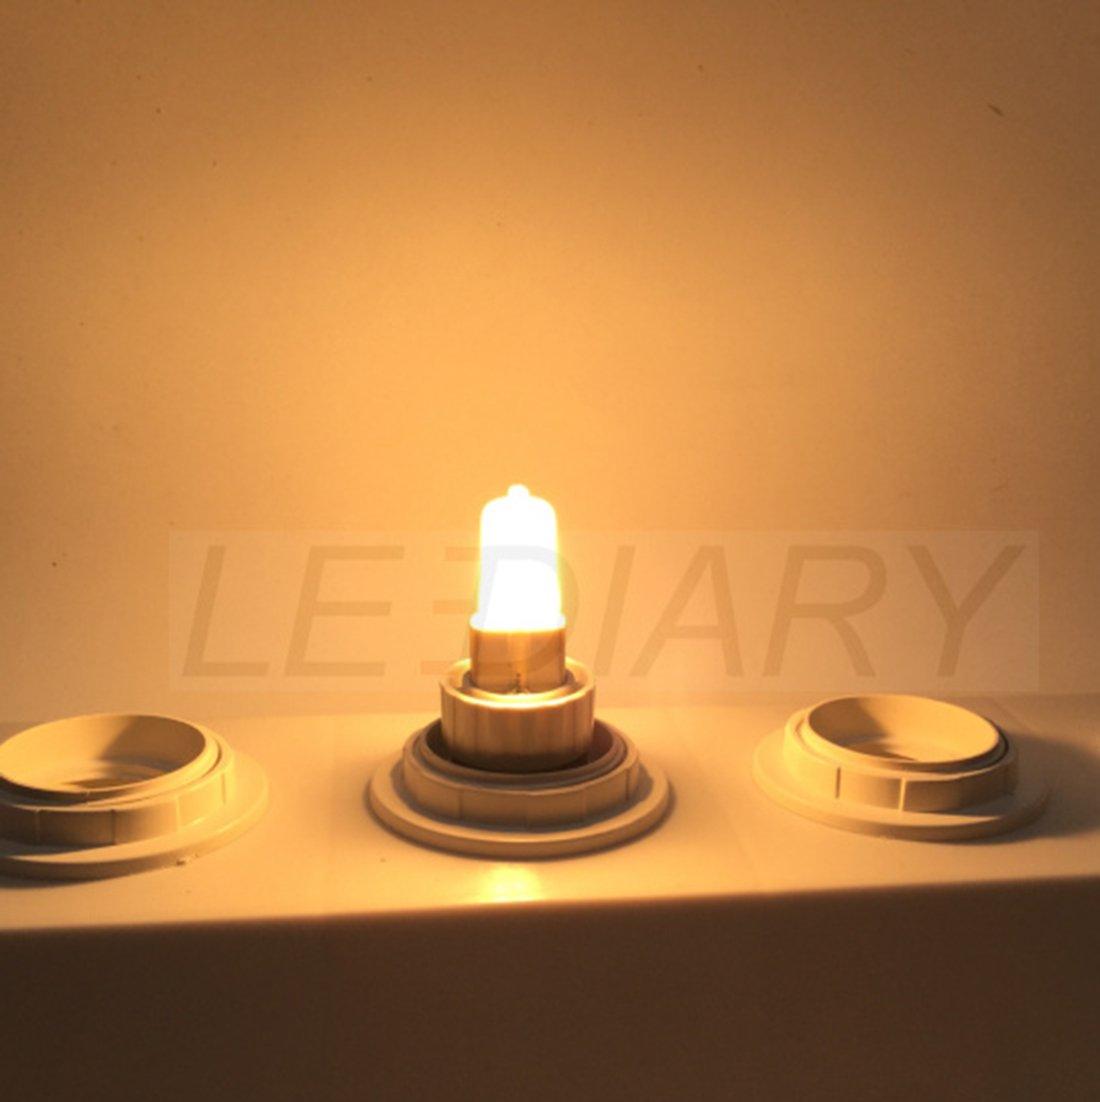 50/W Pour halog/ène G9 Blanc chaud 2700/K G9 25.00 W 240.0 voltsV Lot de 10 ampoules transaparantes /à variation de 220 /à 240/V et 24 20